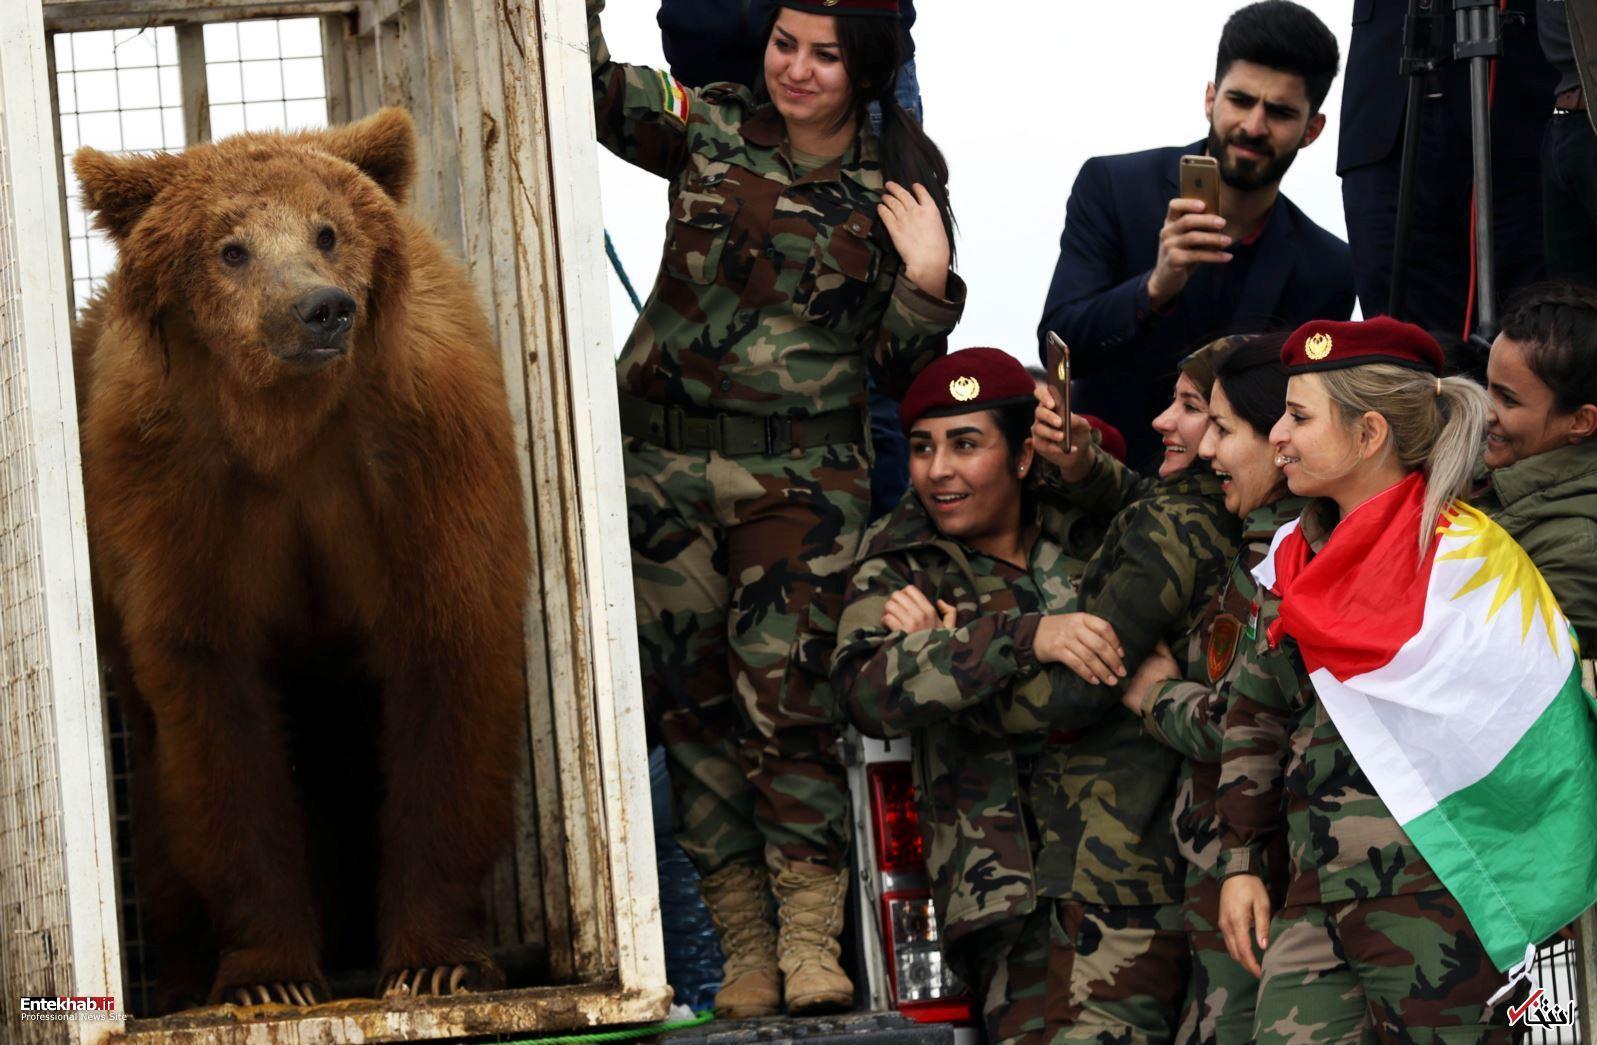 تصاویر : رهاسازی خرسهای قهوهای توسط زنان پیشمرگه در مرز ایران